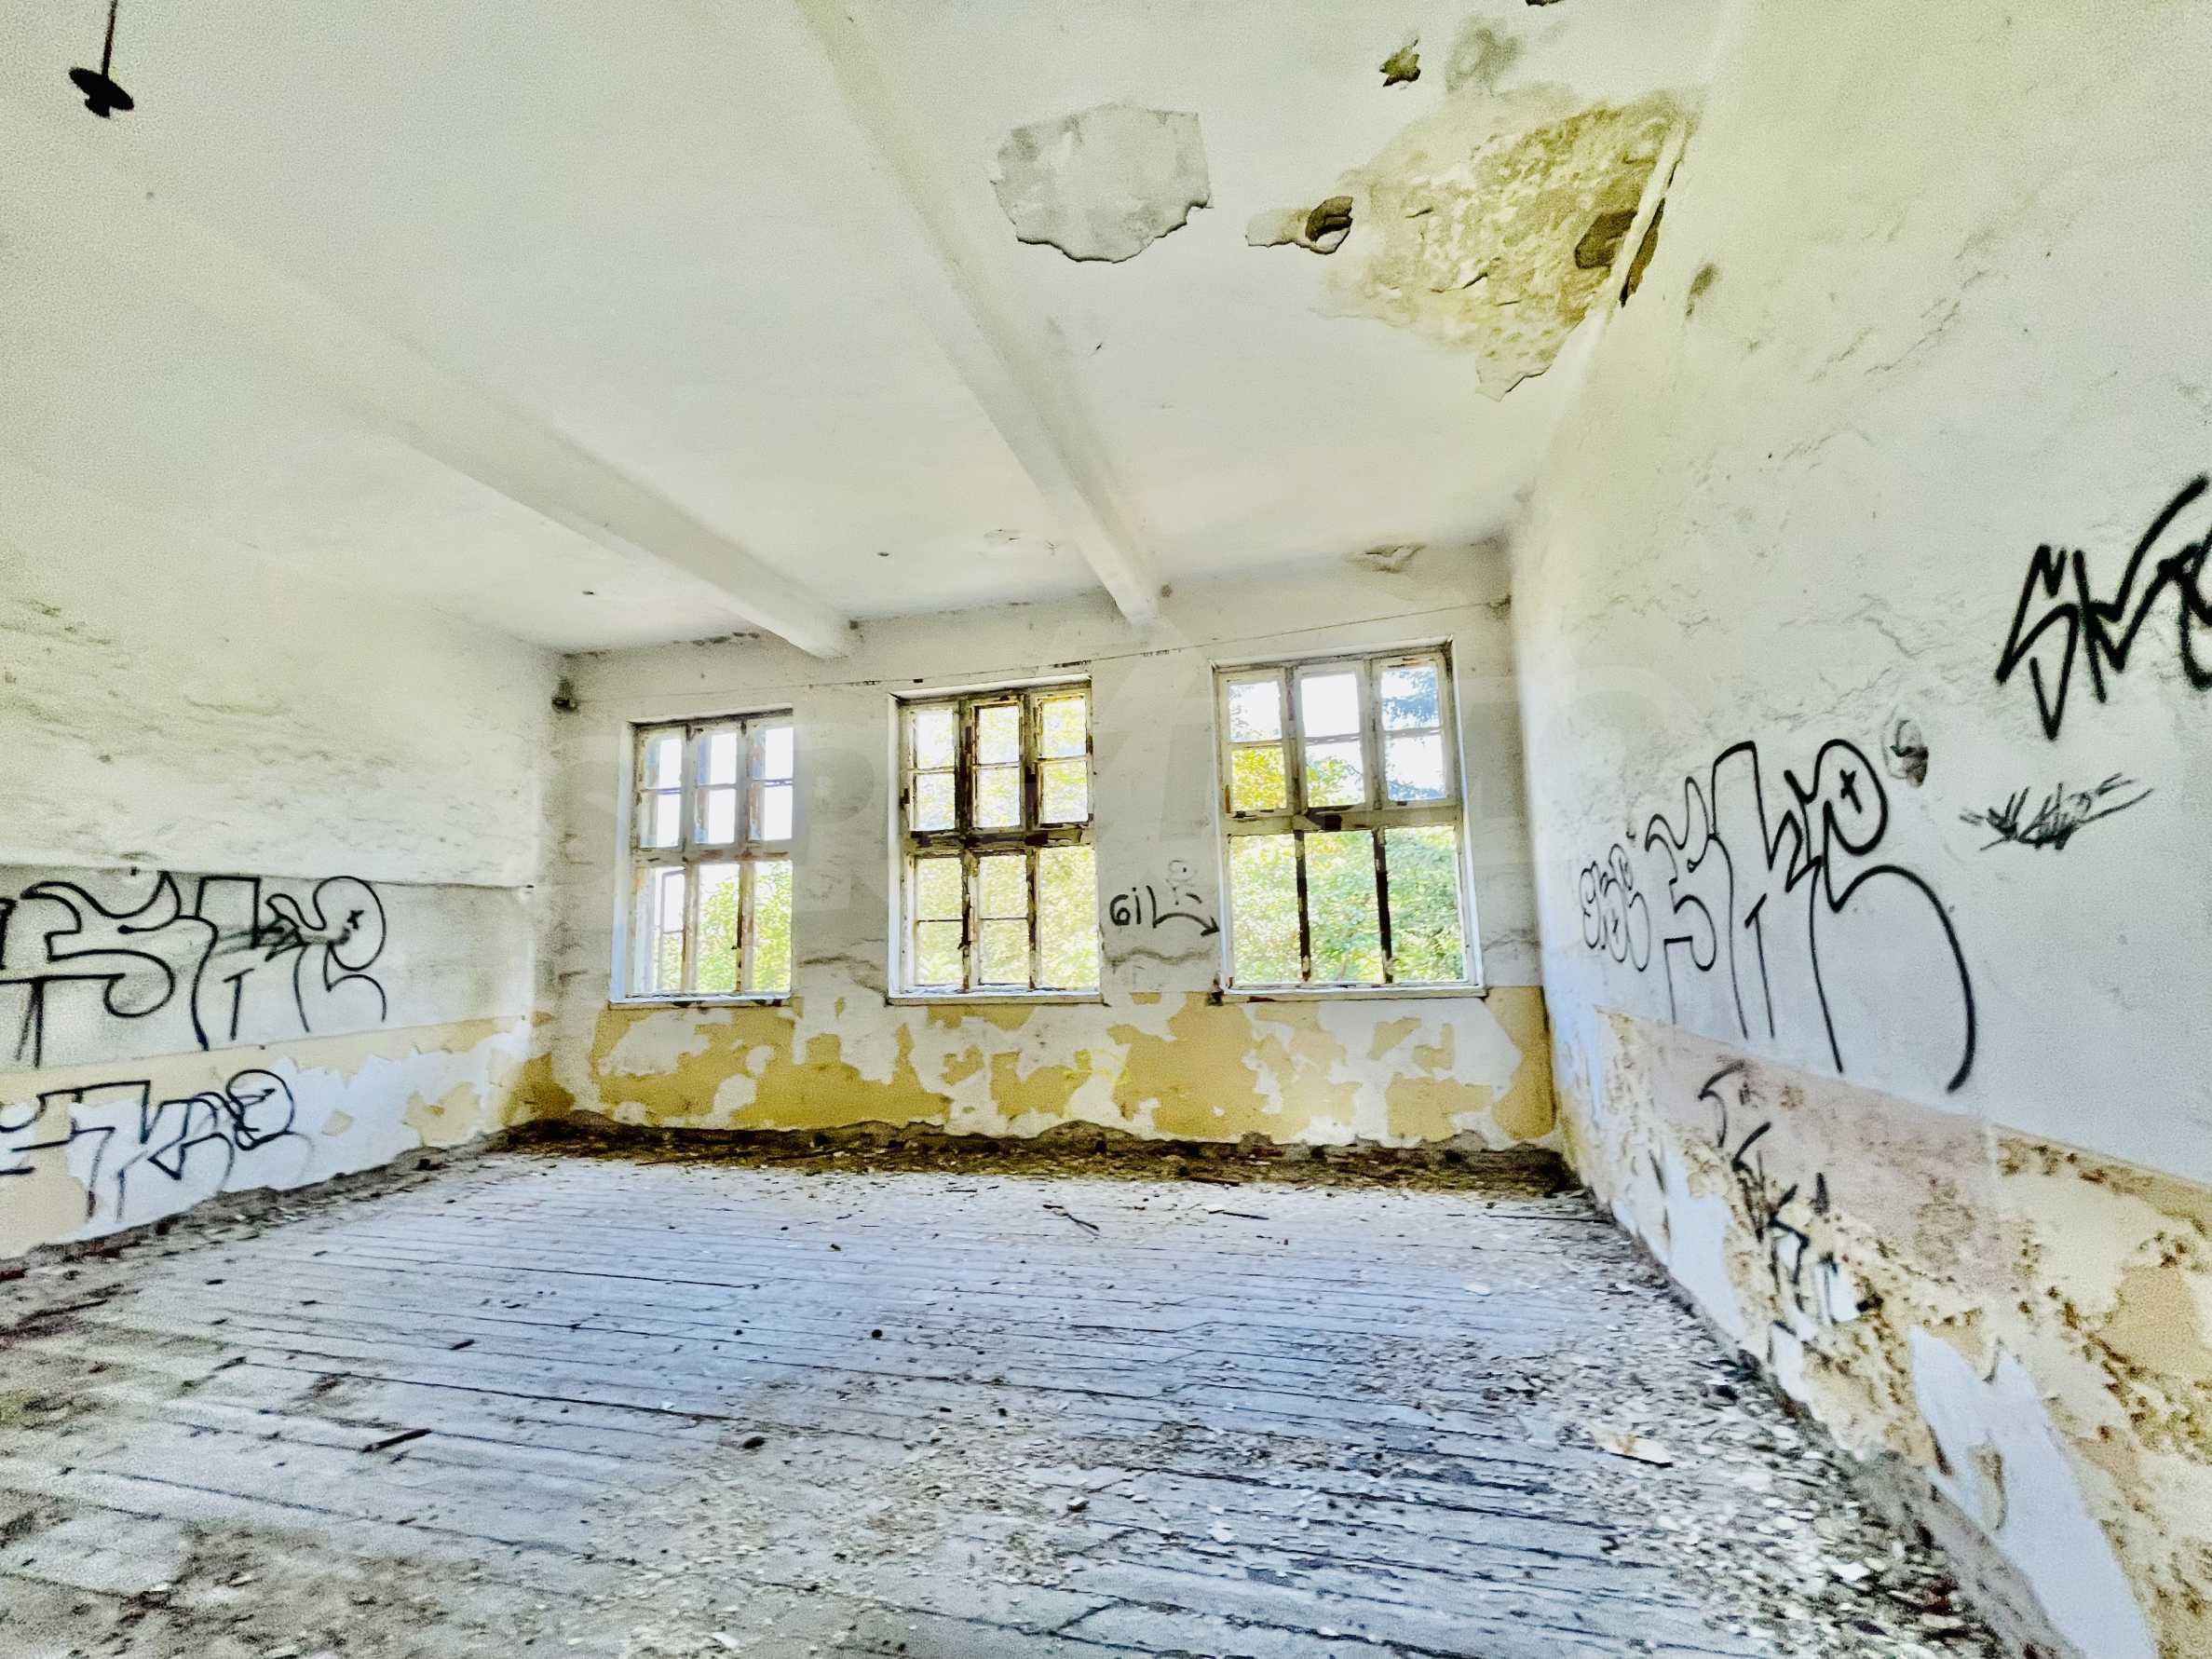 Zwei massive Gebäude auf einem großen Grundstück 35 km von der Stadt Russe und der Donau entfernt 23